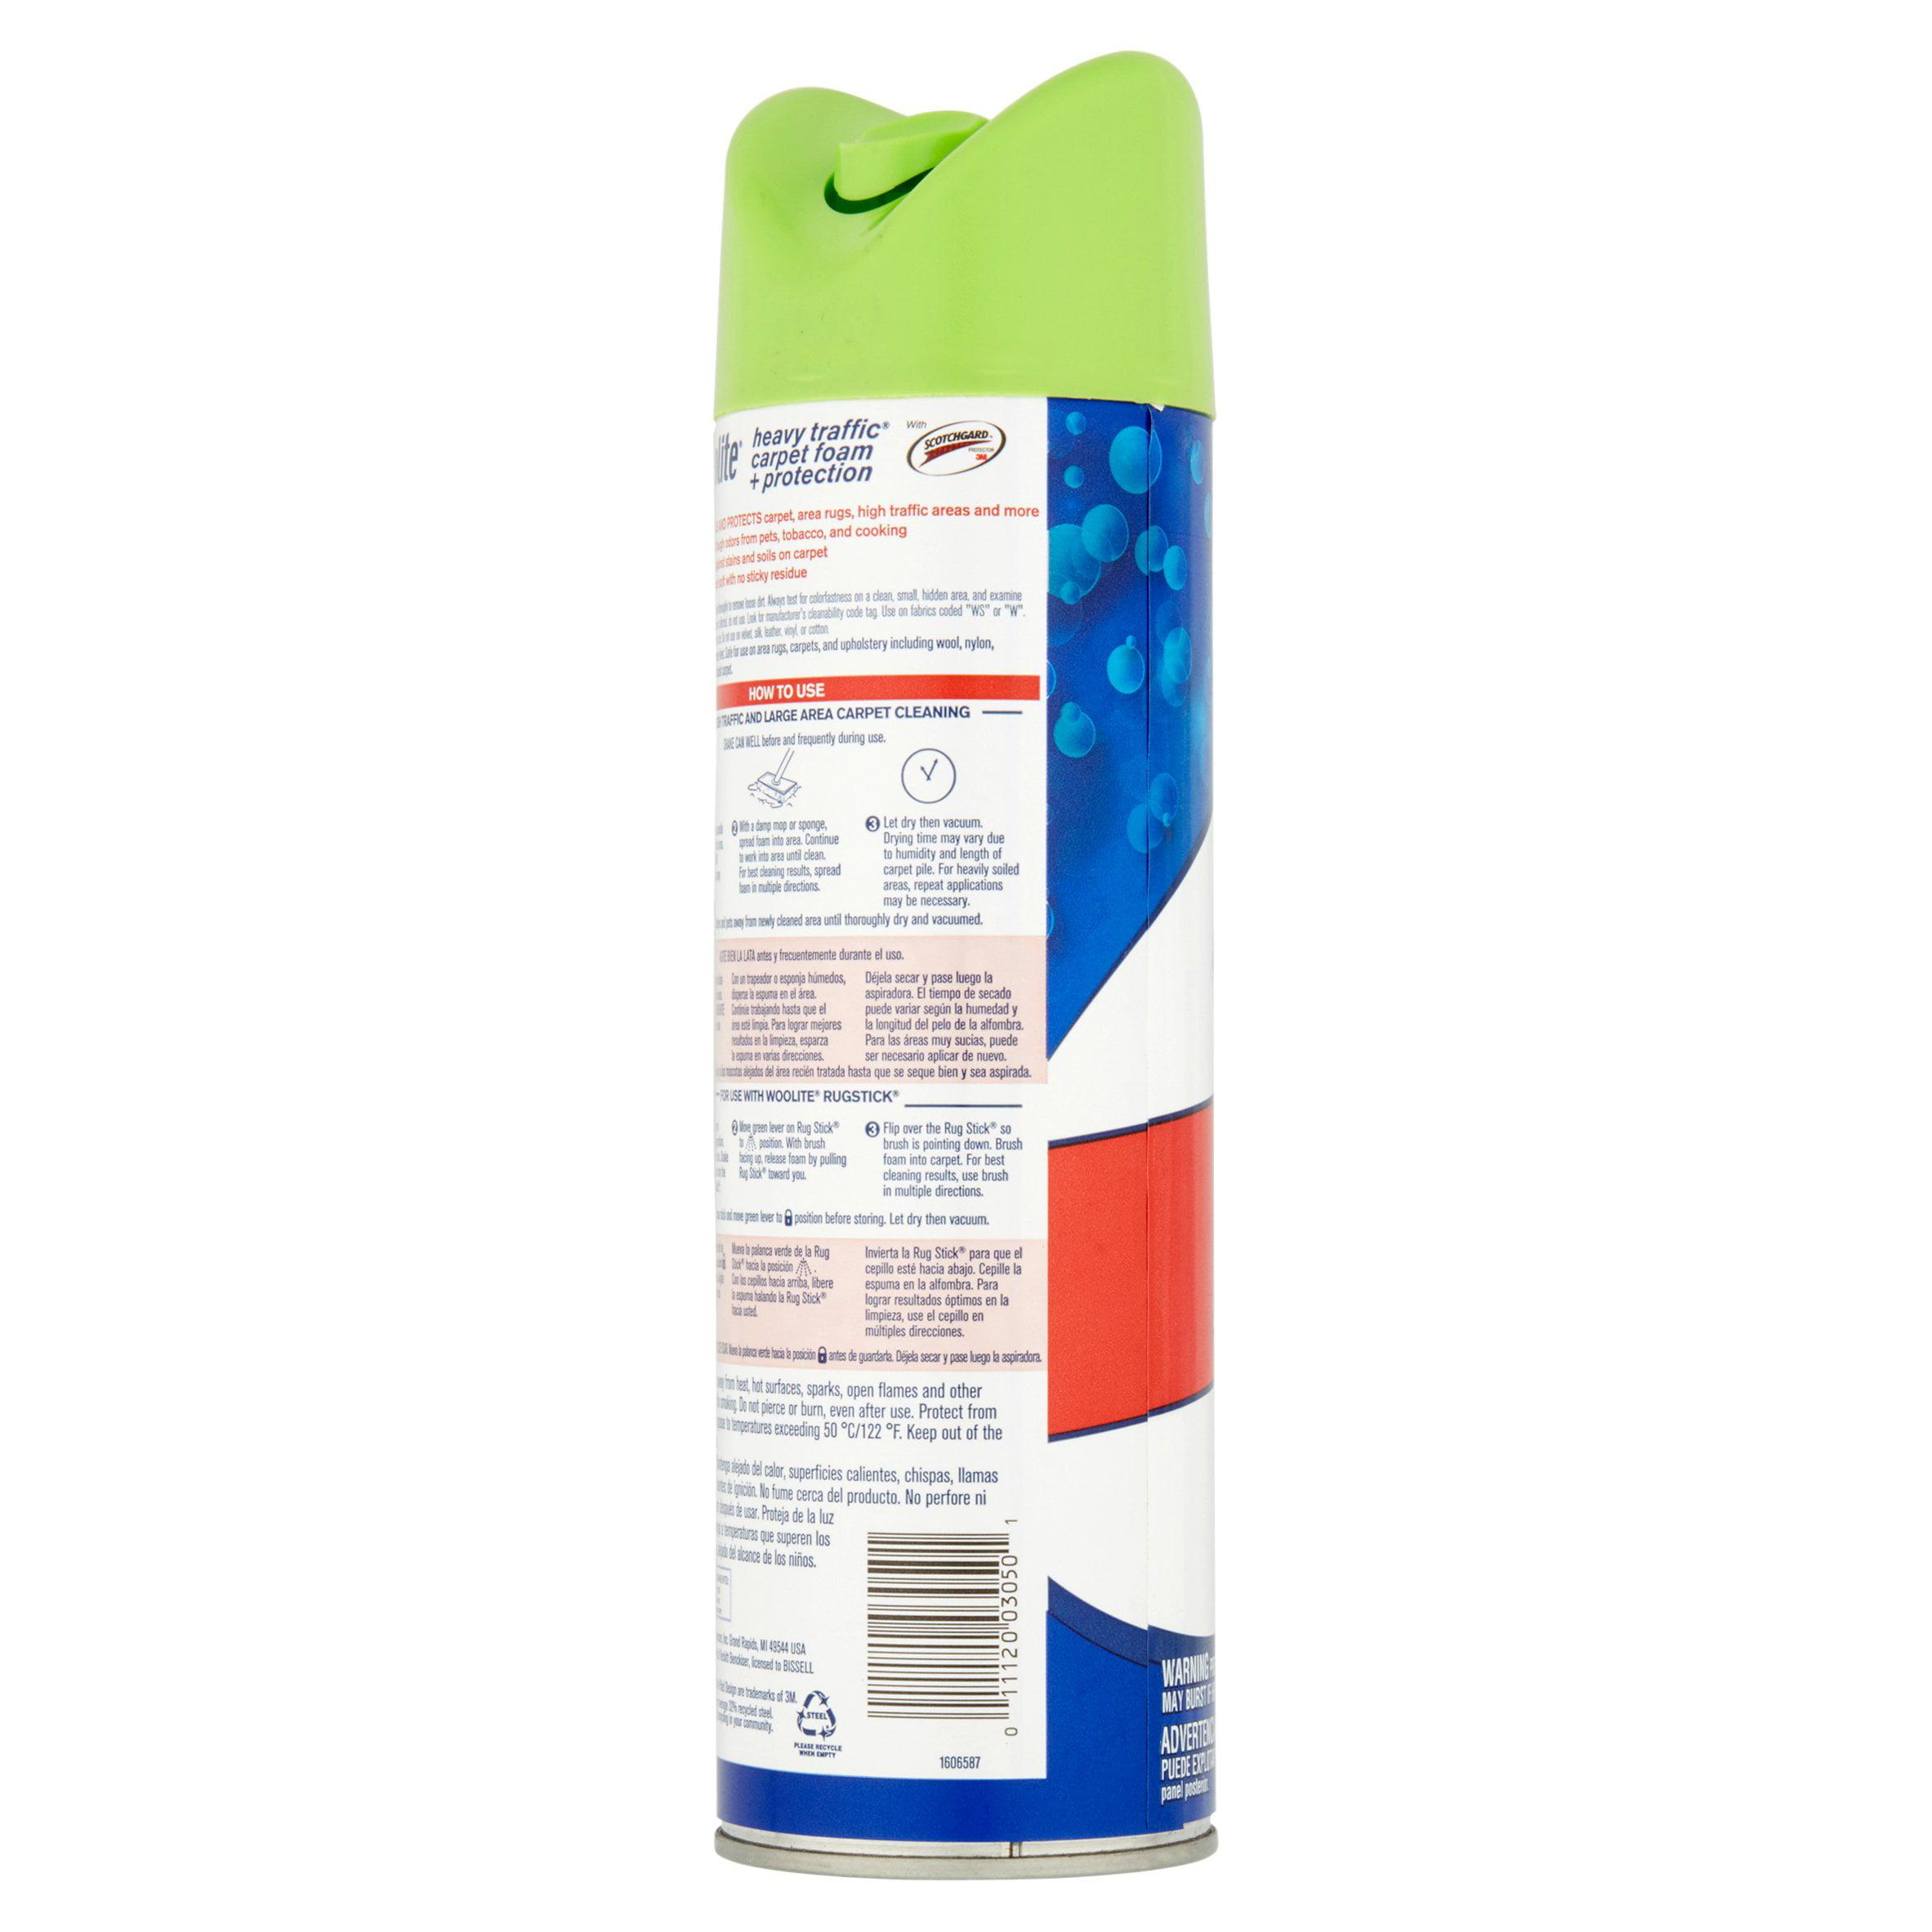 Miracle Dry Foam Carpet Cleaner Review Carpet Vidalondon